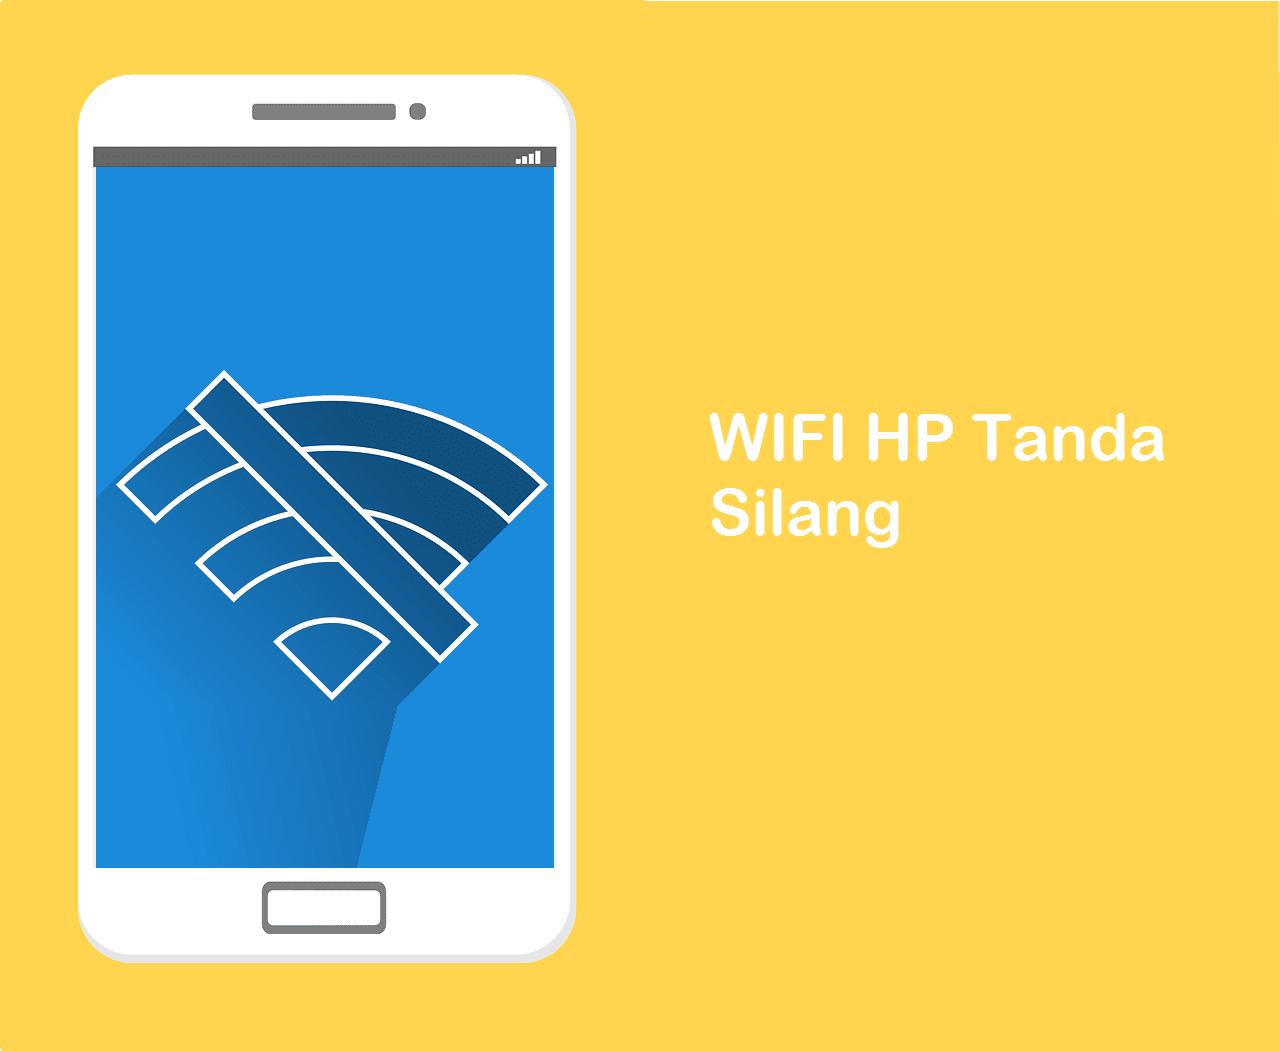 WIFI Tidak Bisa Connect Tanda Silang